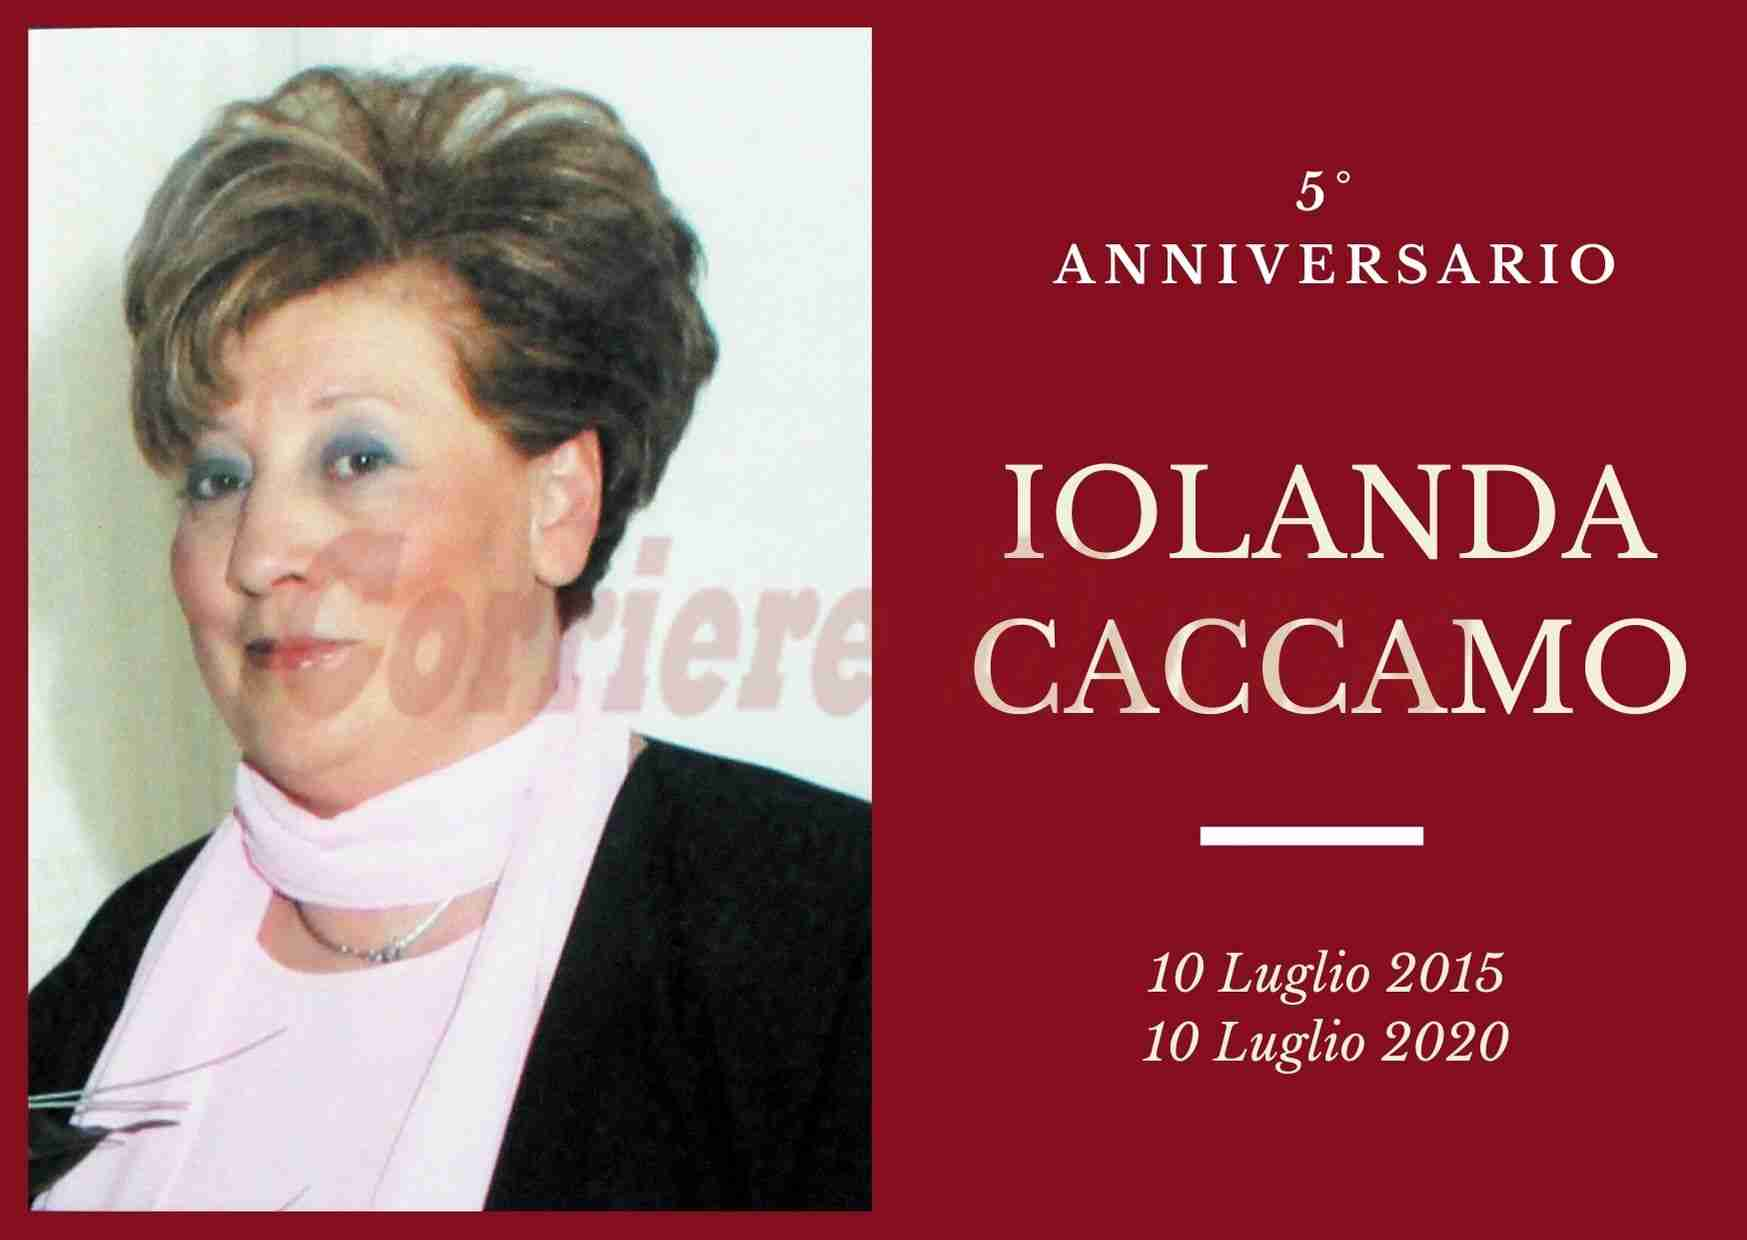 Necrologio: ricorre oggi il 5° Anniversario di Iolanda Caccamo.